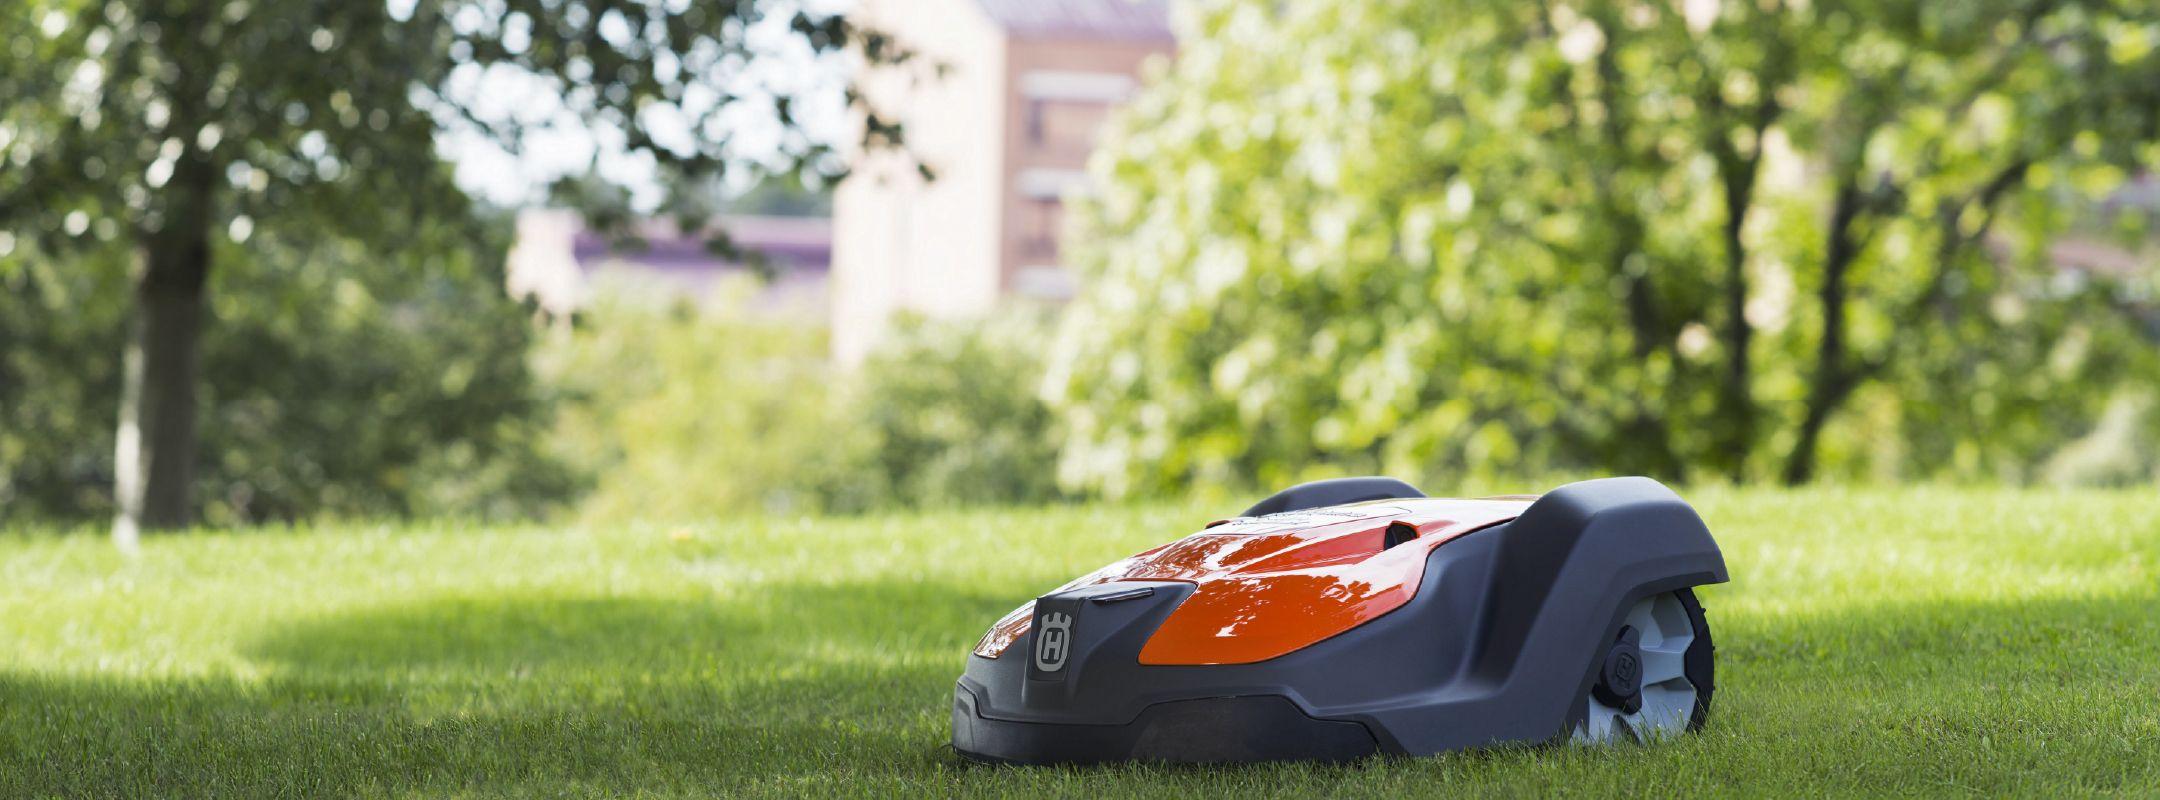 Robot de tonte dans un grand jardin